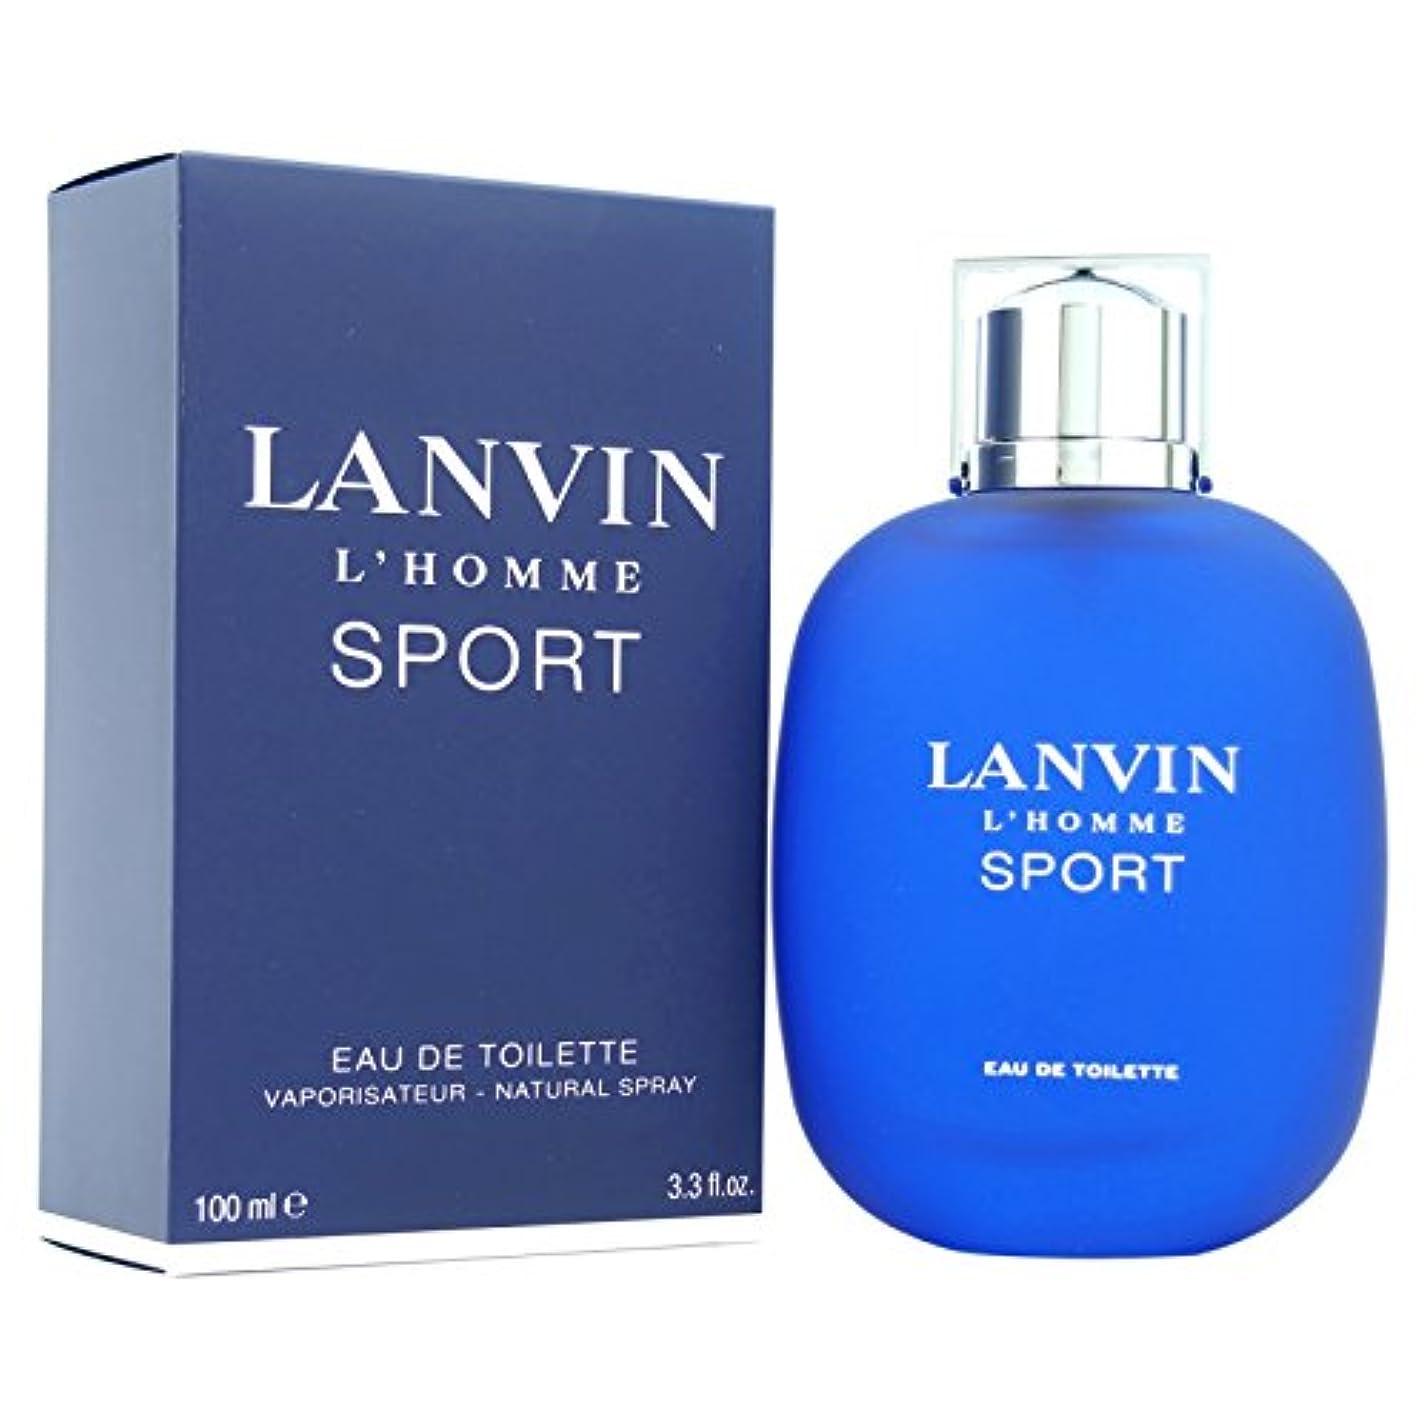 ファセット石のトラフィックランバン[LANVIN]オムスポーツ100mlオードトワレスプレー